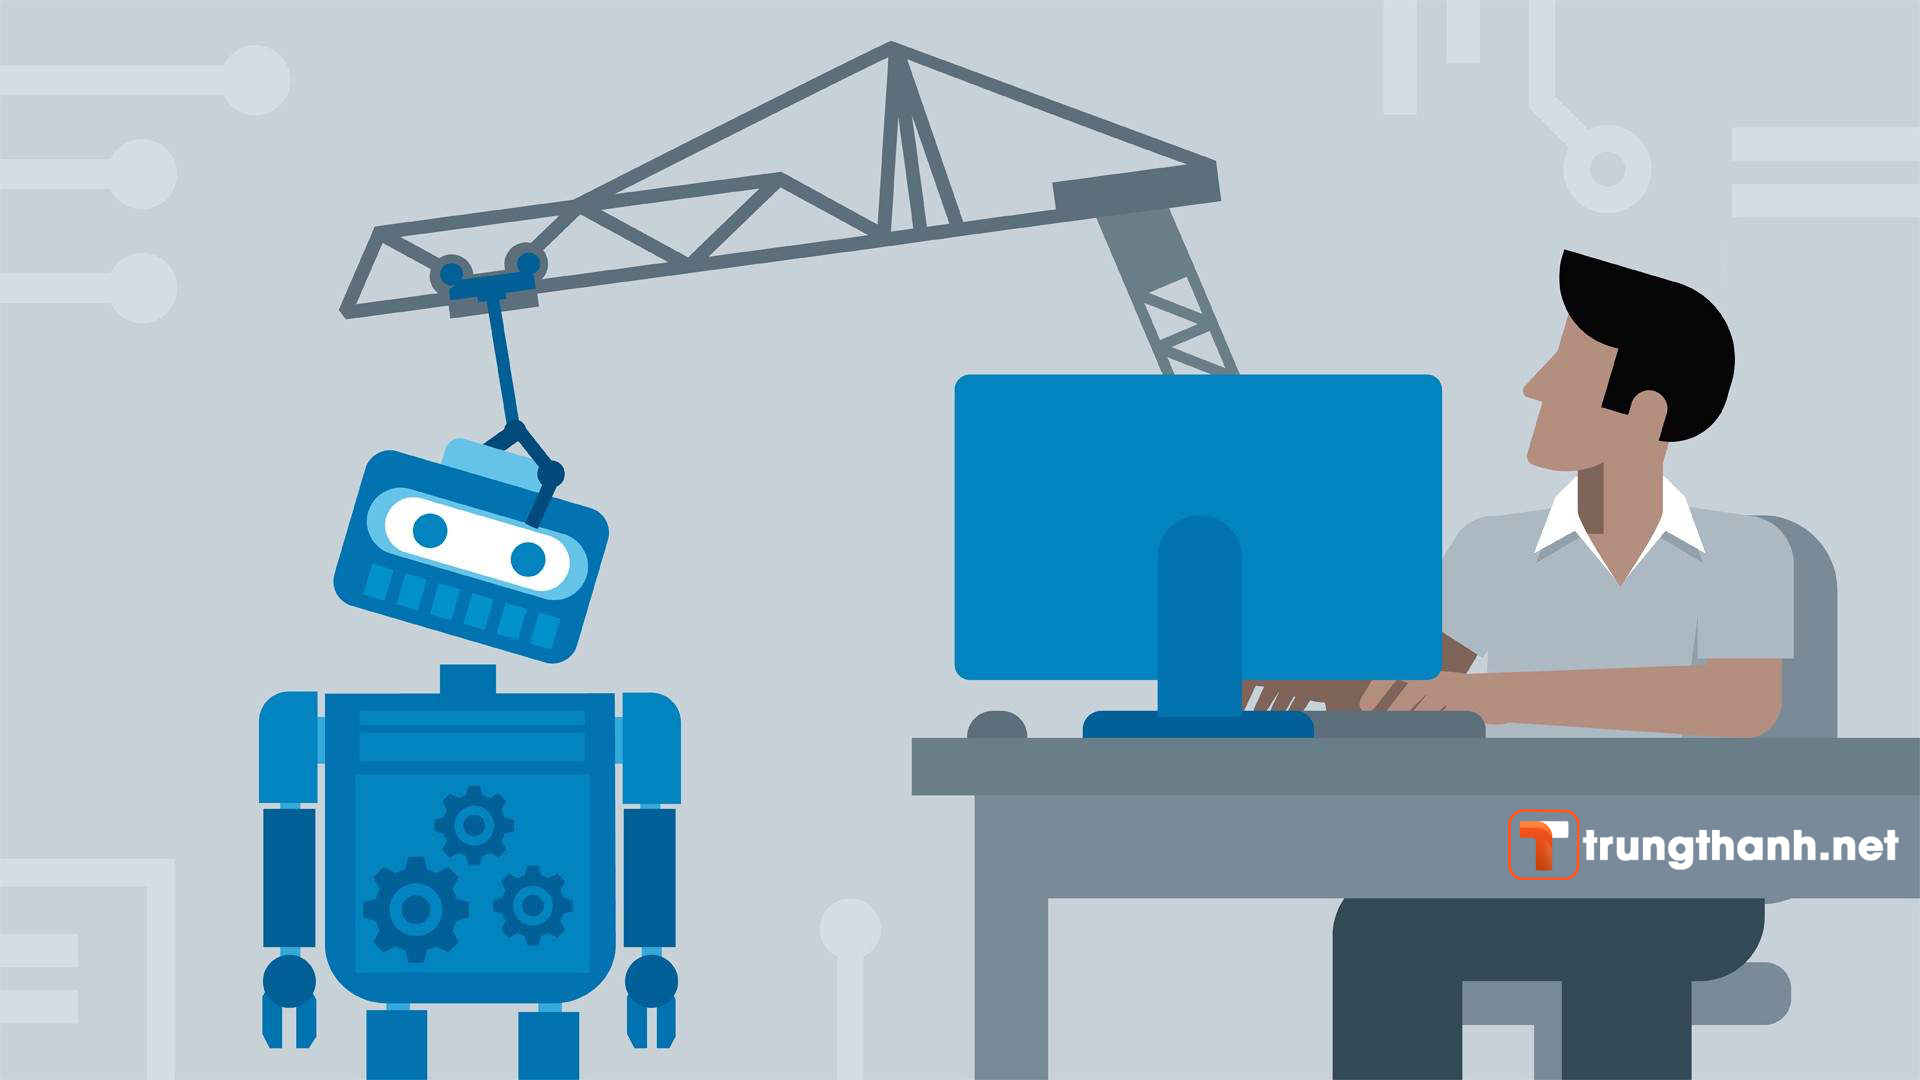 Lựa chọn nền tảng xây dựng Chatbot phù hợp